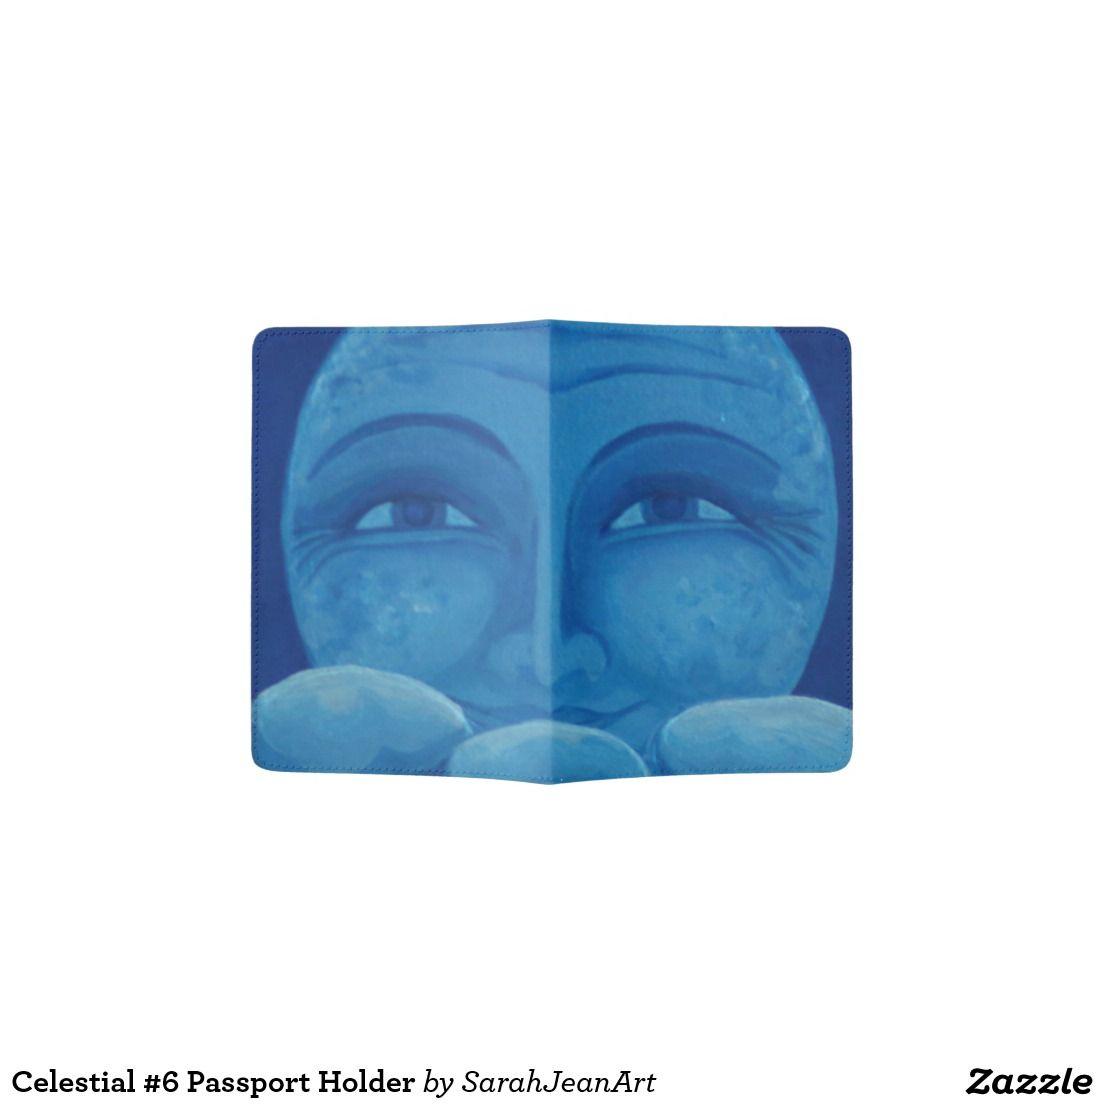 Celestial #6 Passport Holder